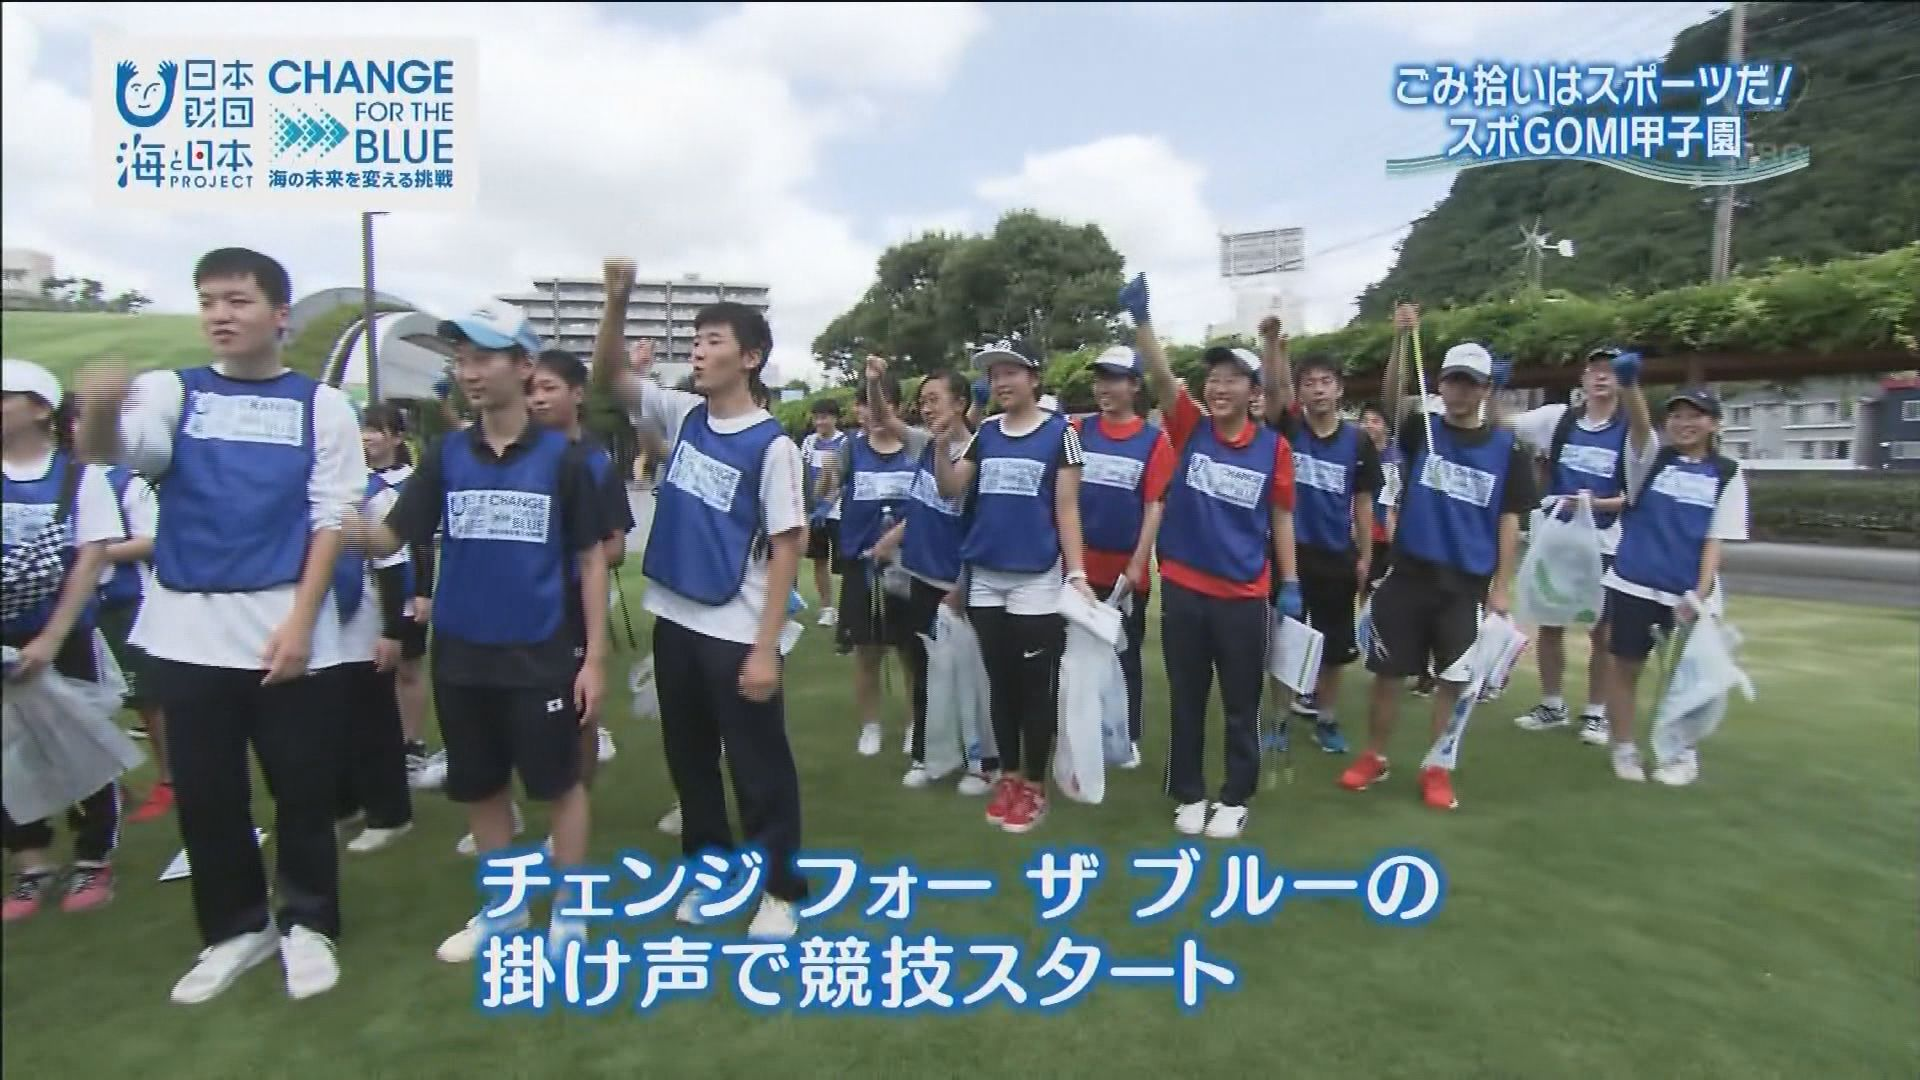 熱中!真剣!「スポGOMI甲子園 鹿児島県予選」開催!